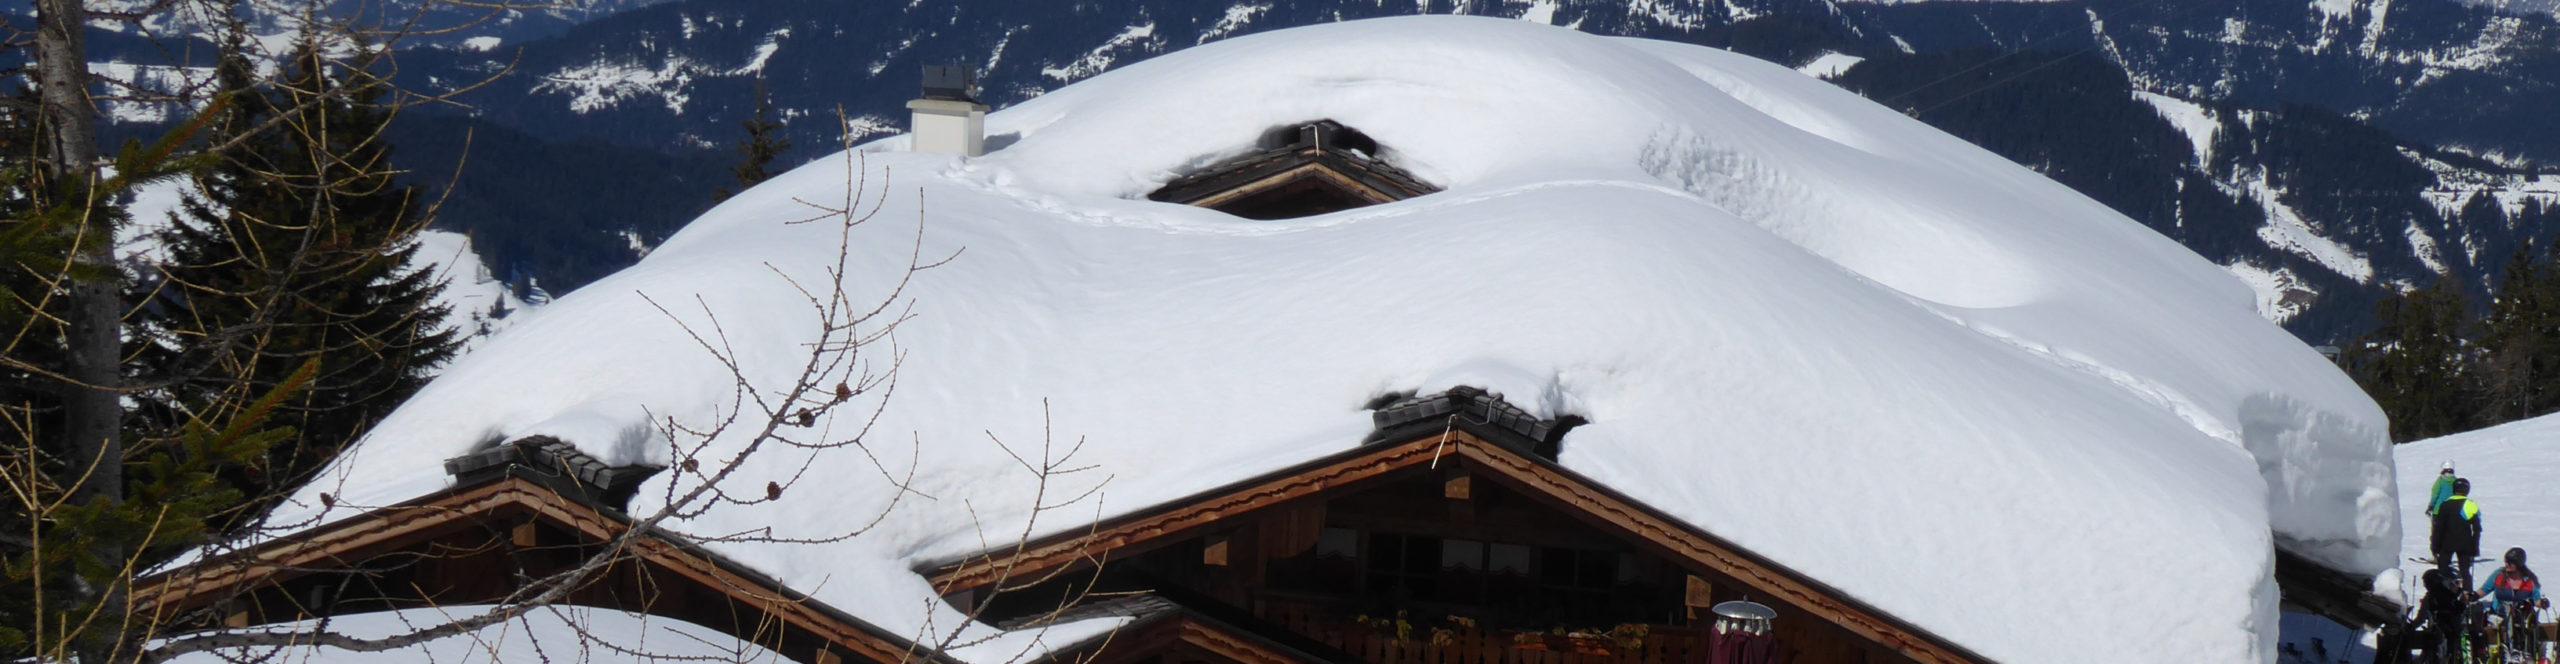 FLACHAU – ZAUCHENSEE – Ski Amadé – SkiWochenende – PistenSpaß in der 3 Täler Skischaukel